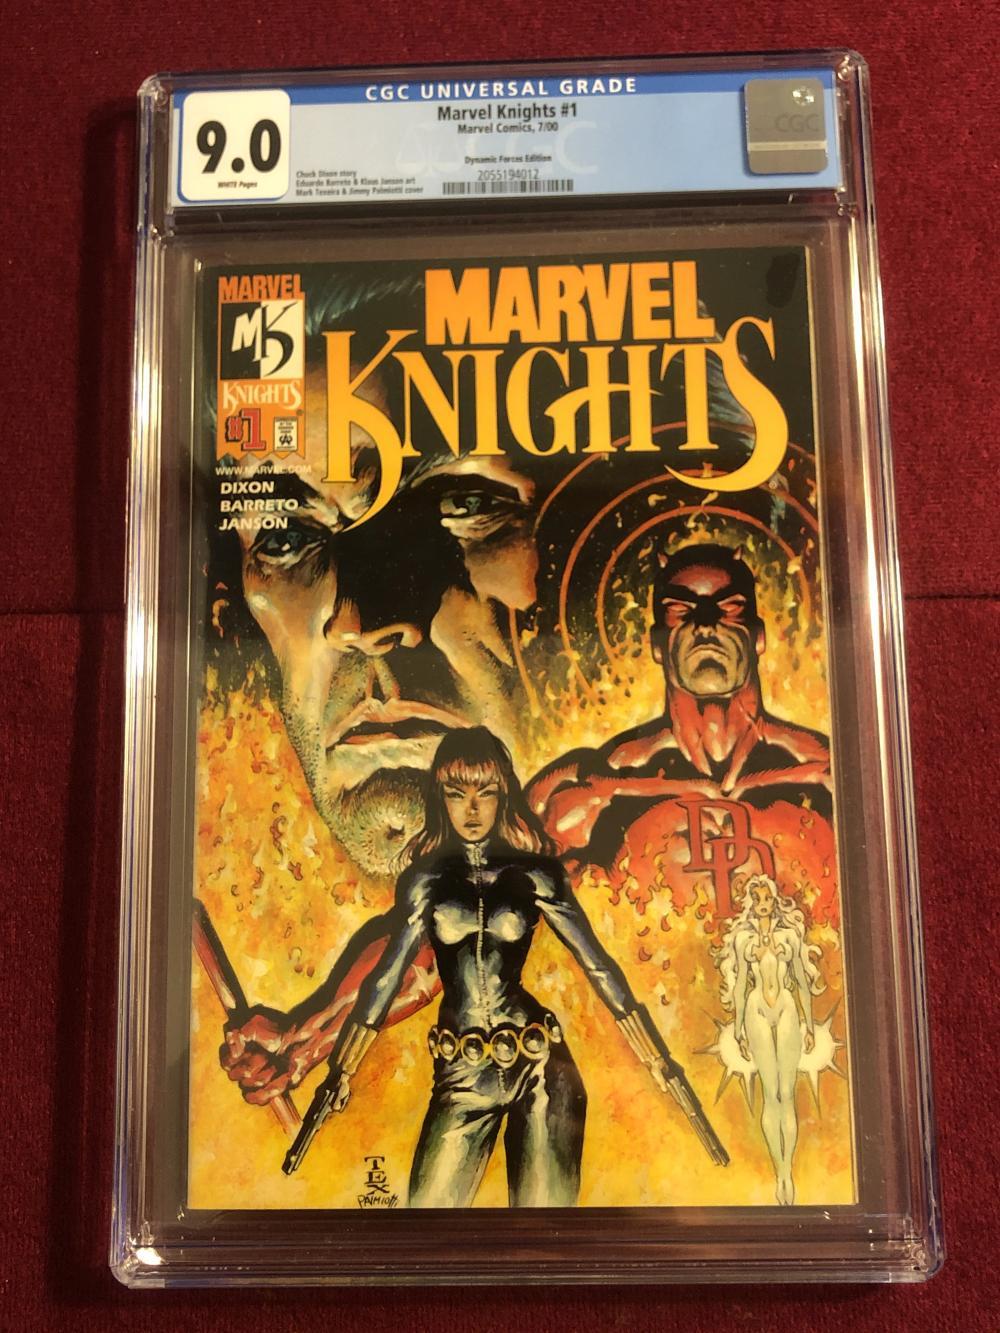 Marvel Knights #1 Marvel comic - graded